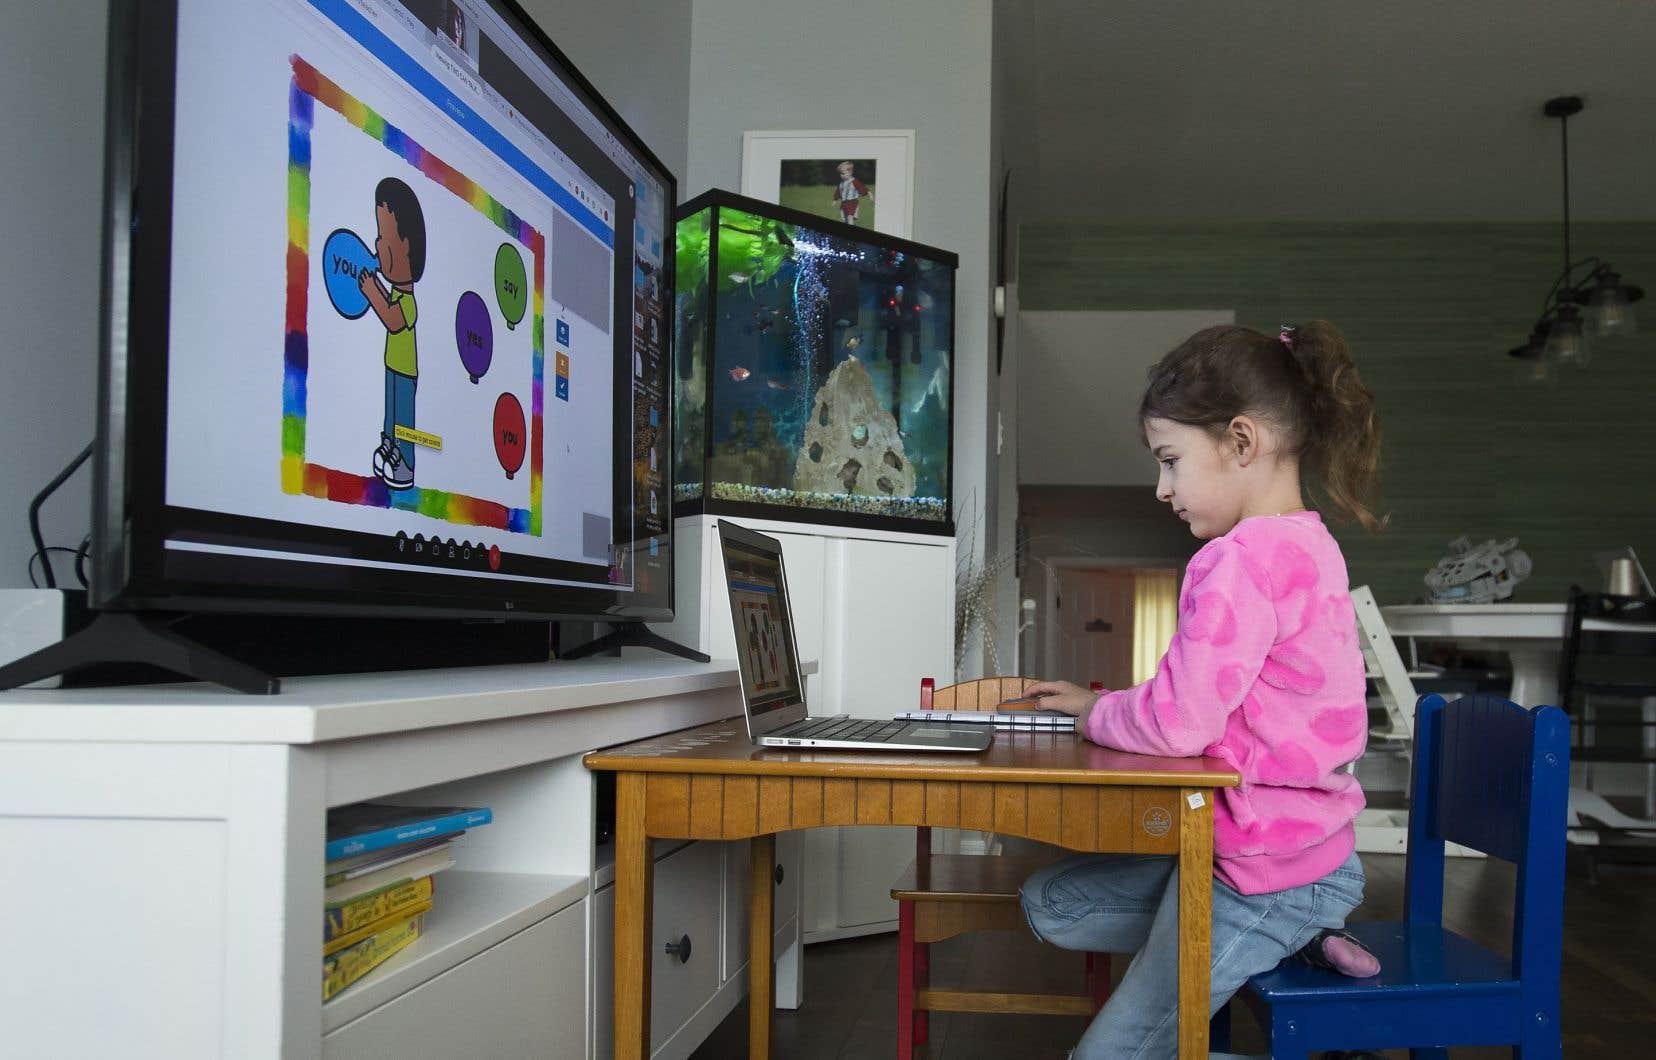 Vous voulez filtrer le contenu auquel votre enfant a accès, voir ce qu'il tape dans les moteurs de recherche et suivre sa trace? Des dizaines d'applications pour téléphones, ordinateurs et tablettes permettent de le faire — et sont très populaires.